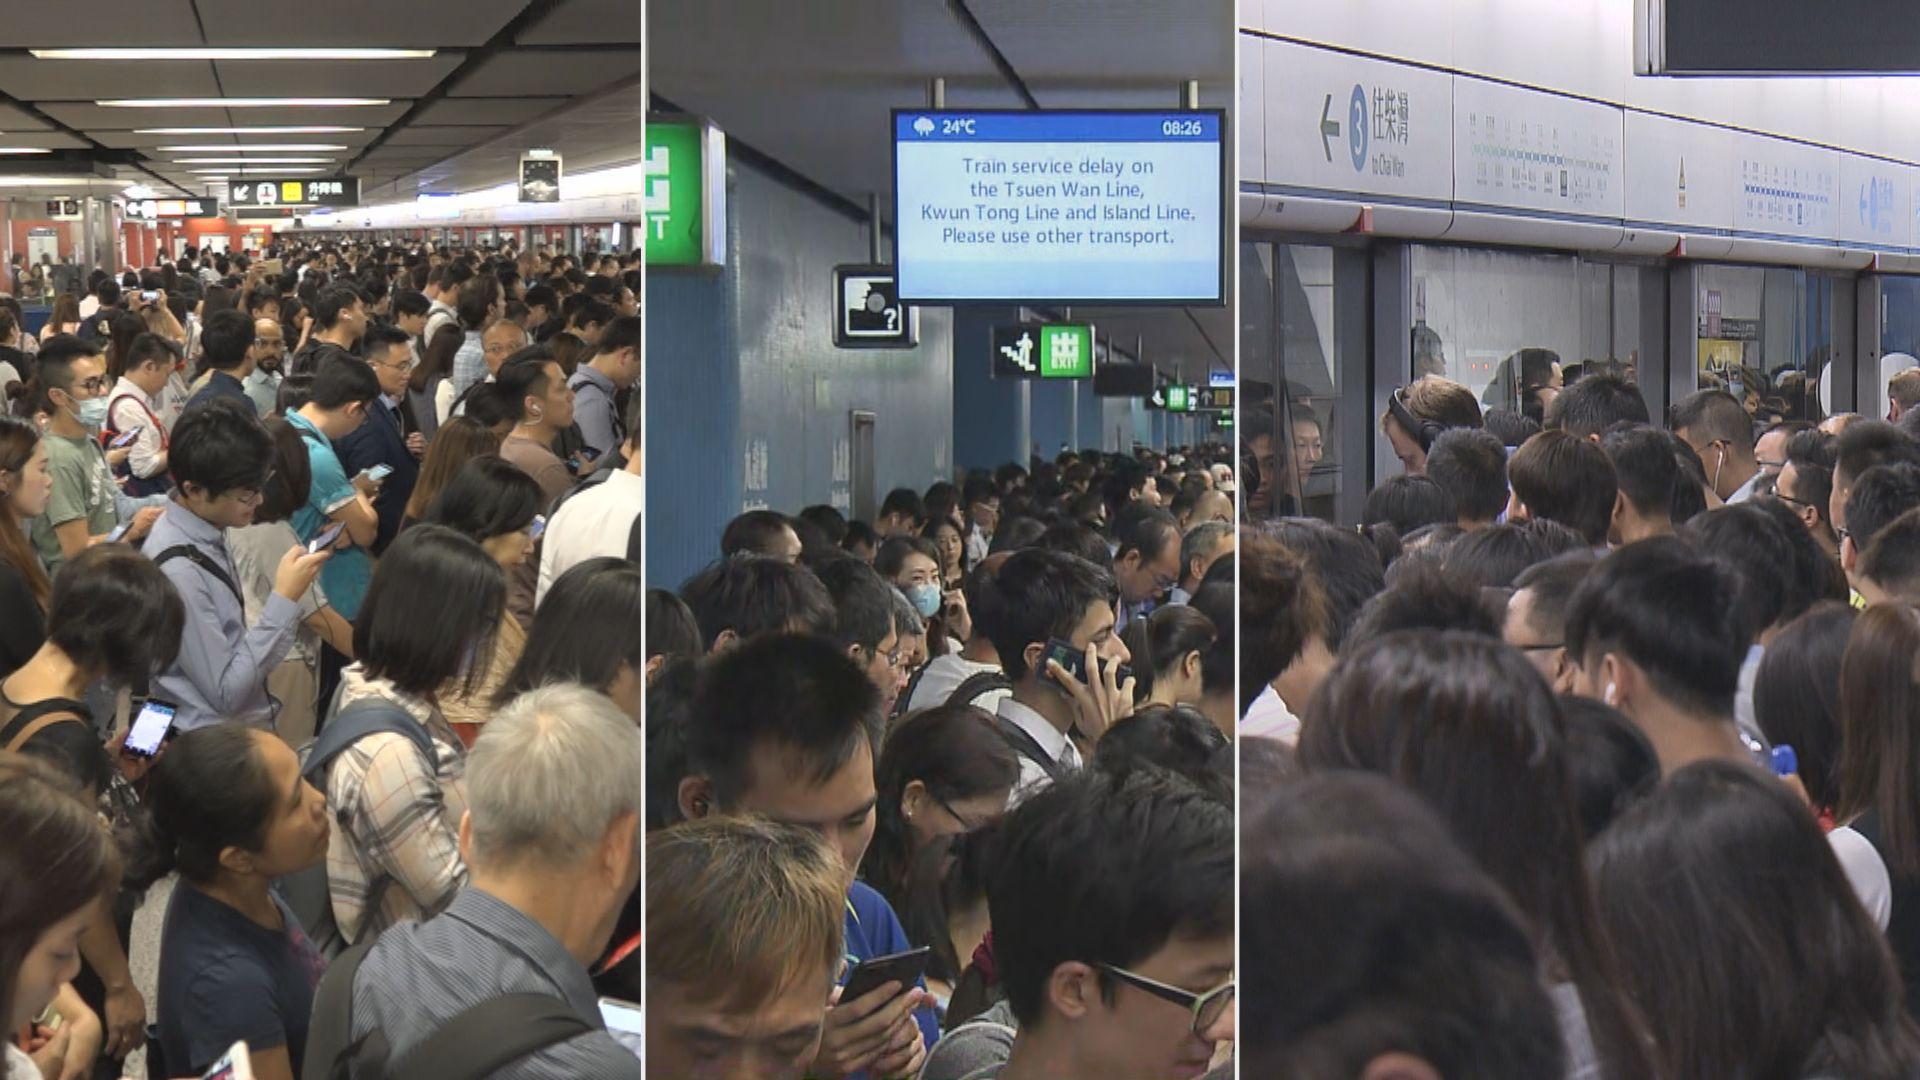 港鐵四綫信號系統大規模故障 交通大混亂